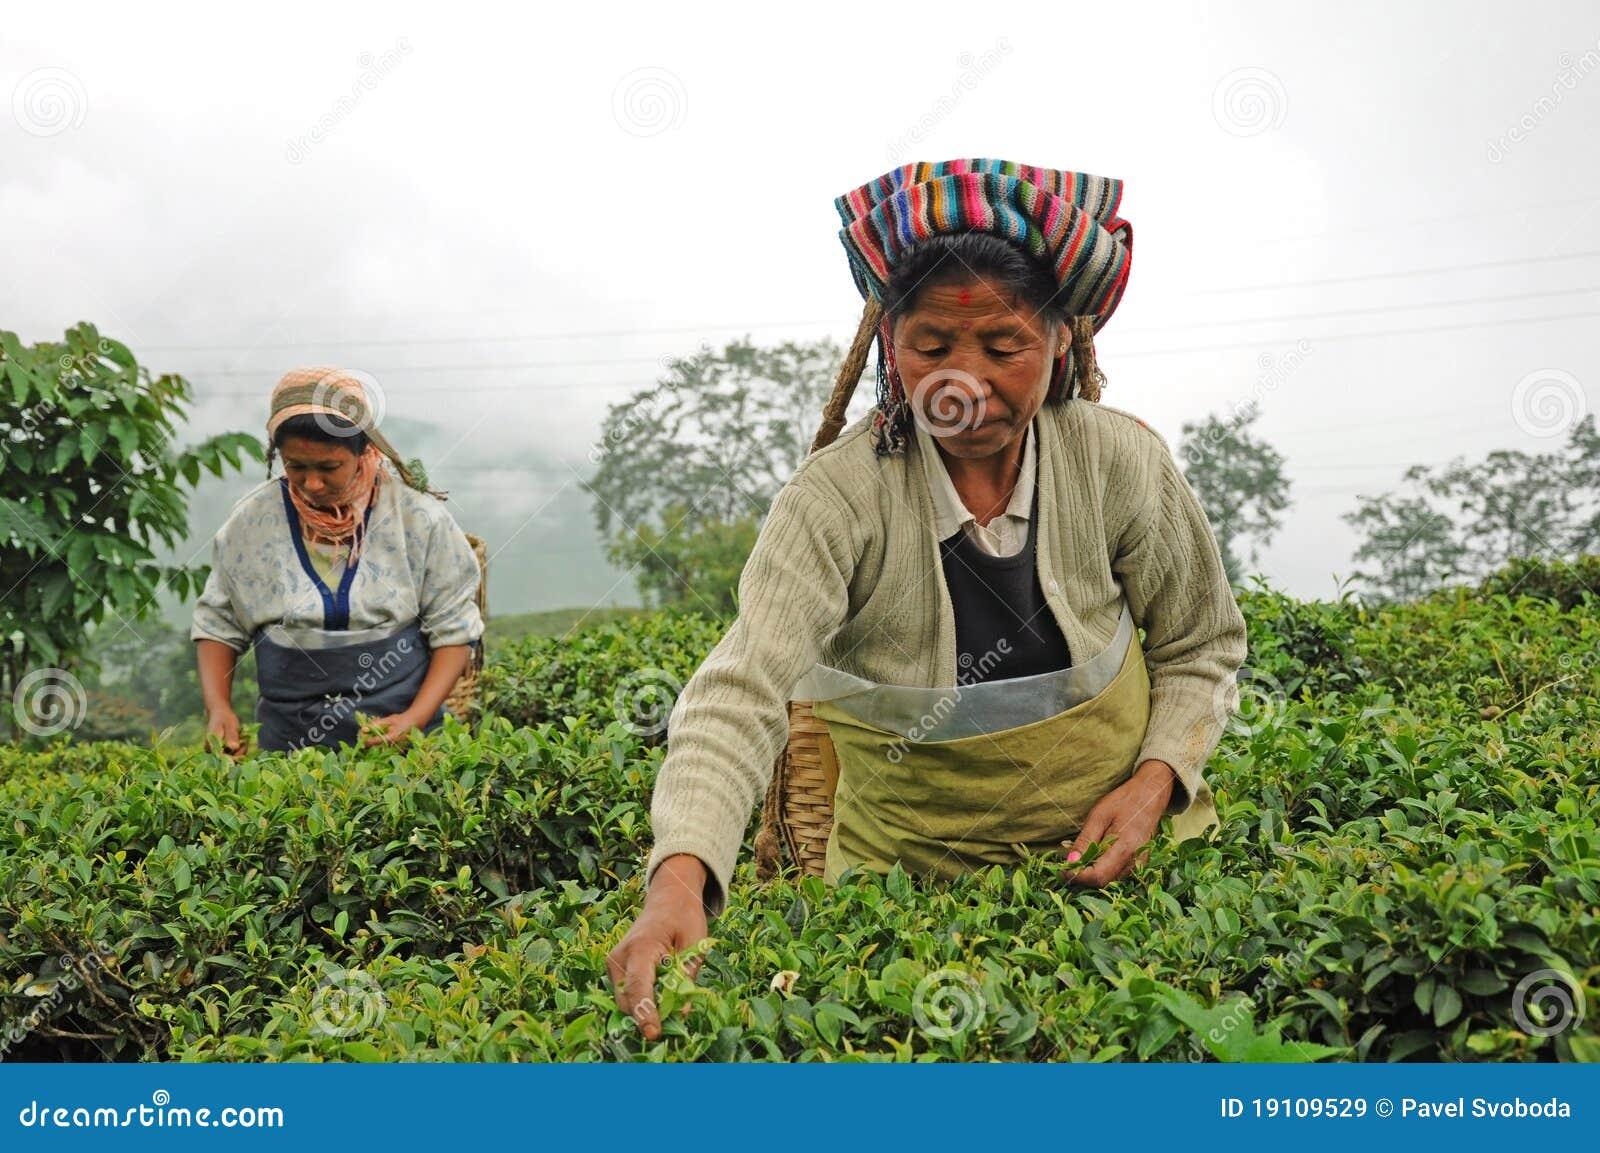 Women pick tea leafs, Darjeeling, India